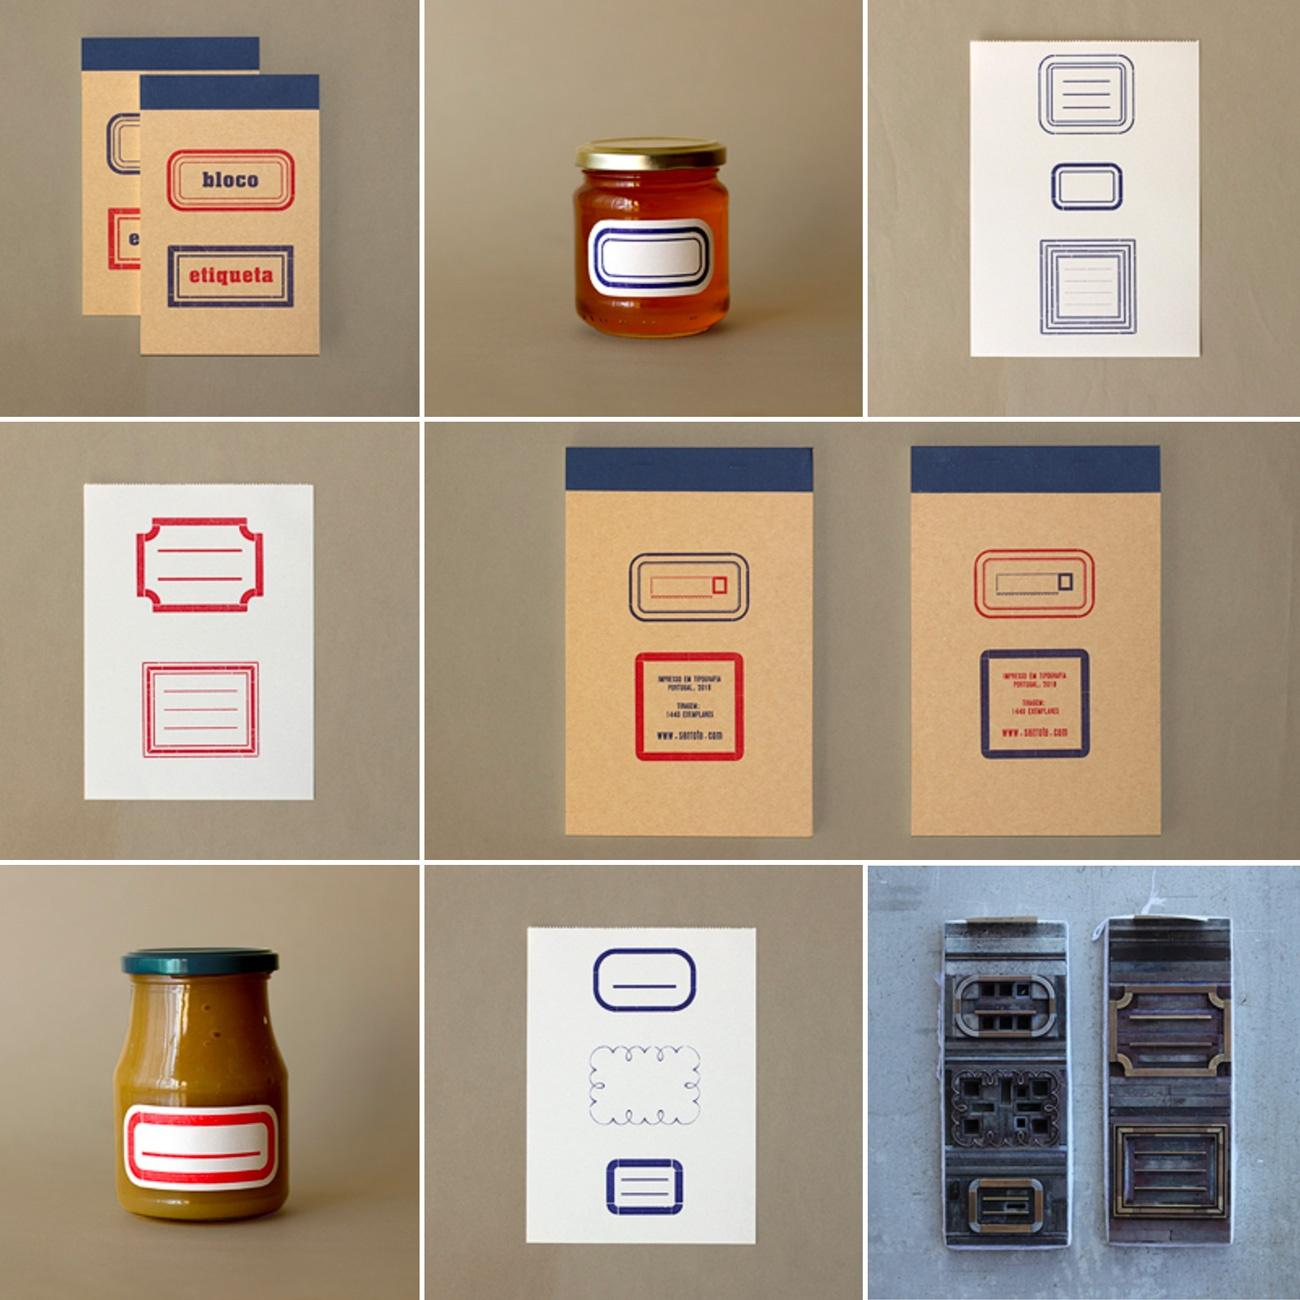 Serrote, Bloco Etiqueta, Etikettenblock, im Buchdruck,